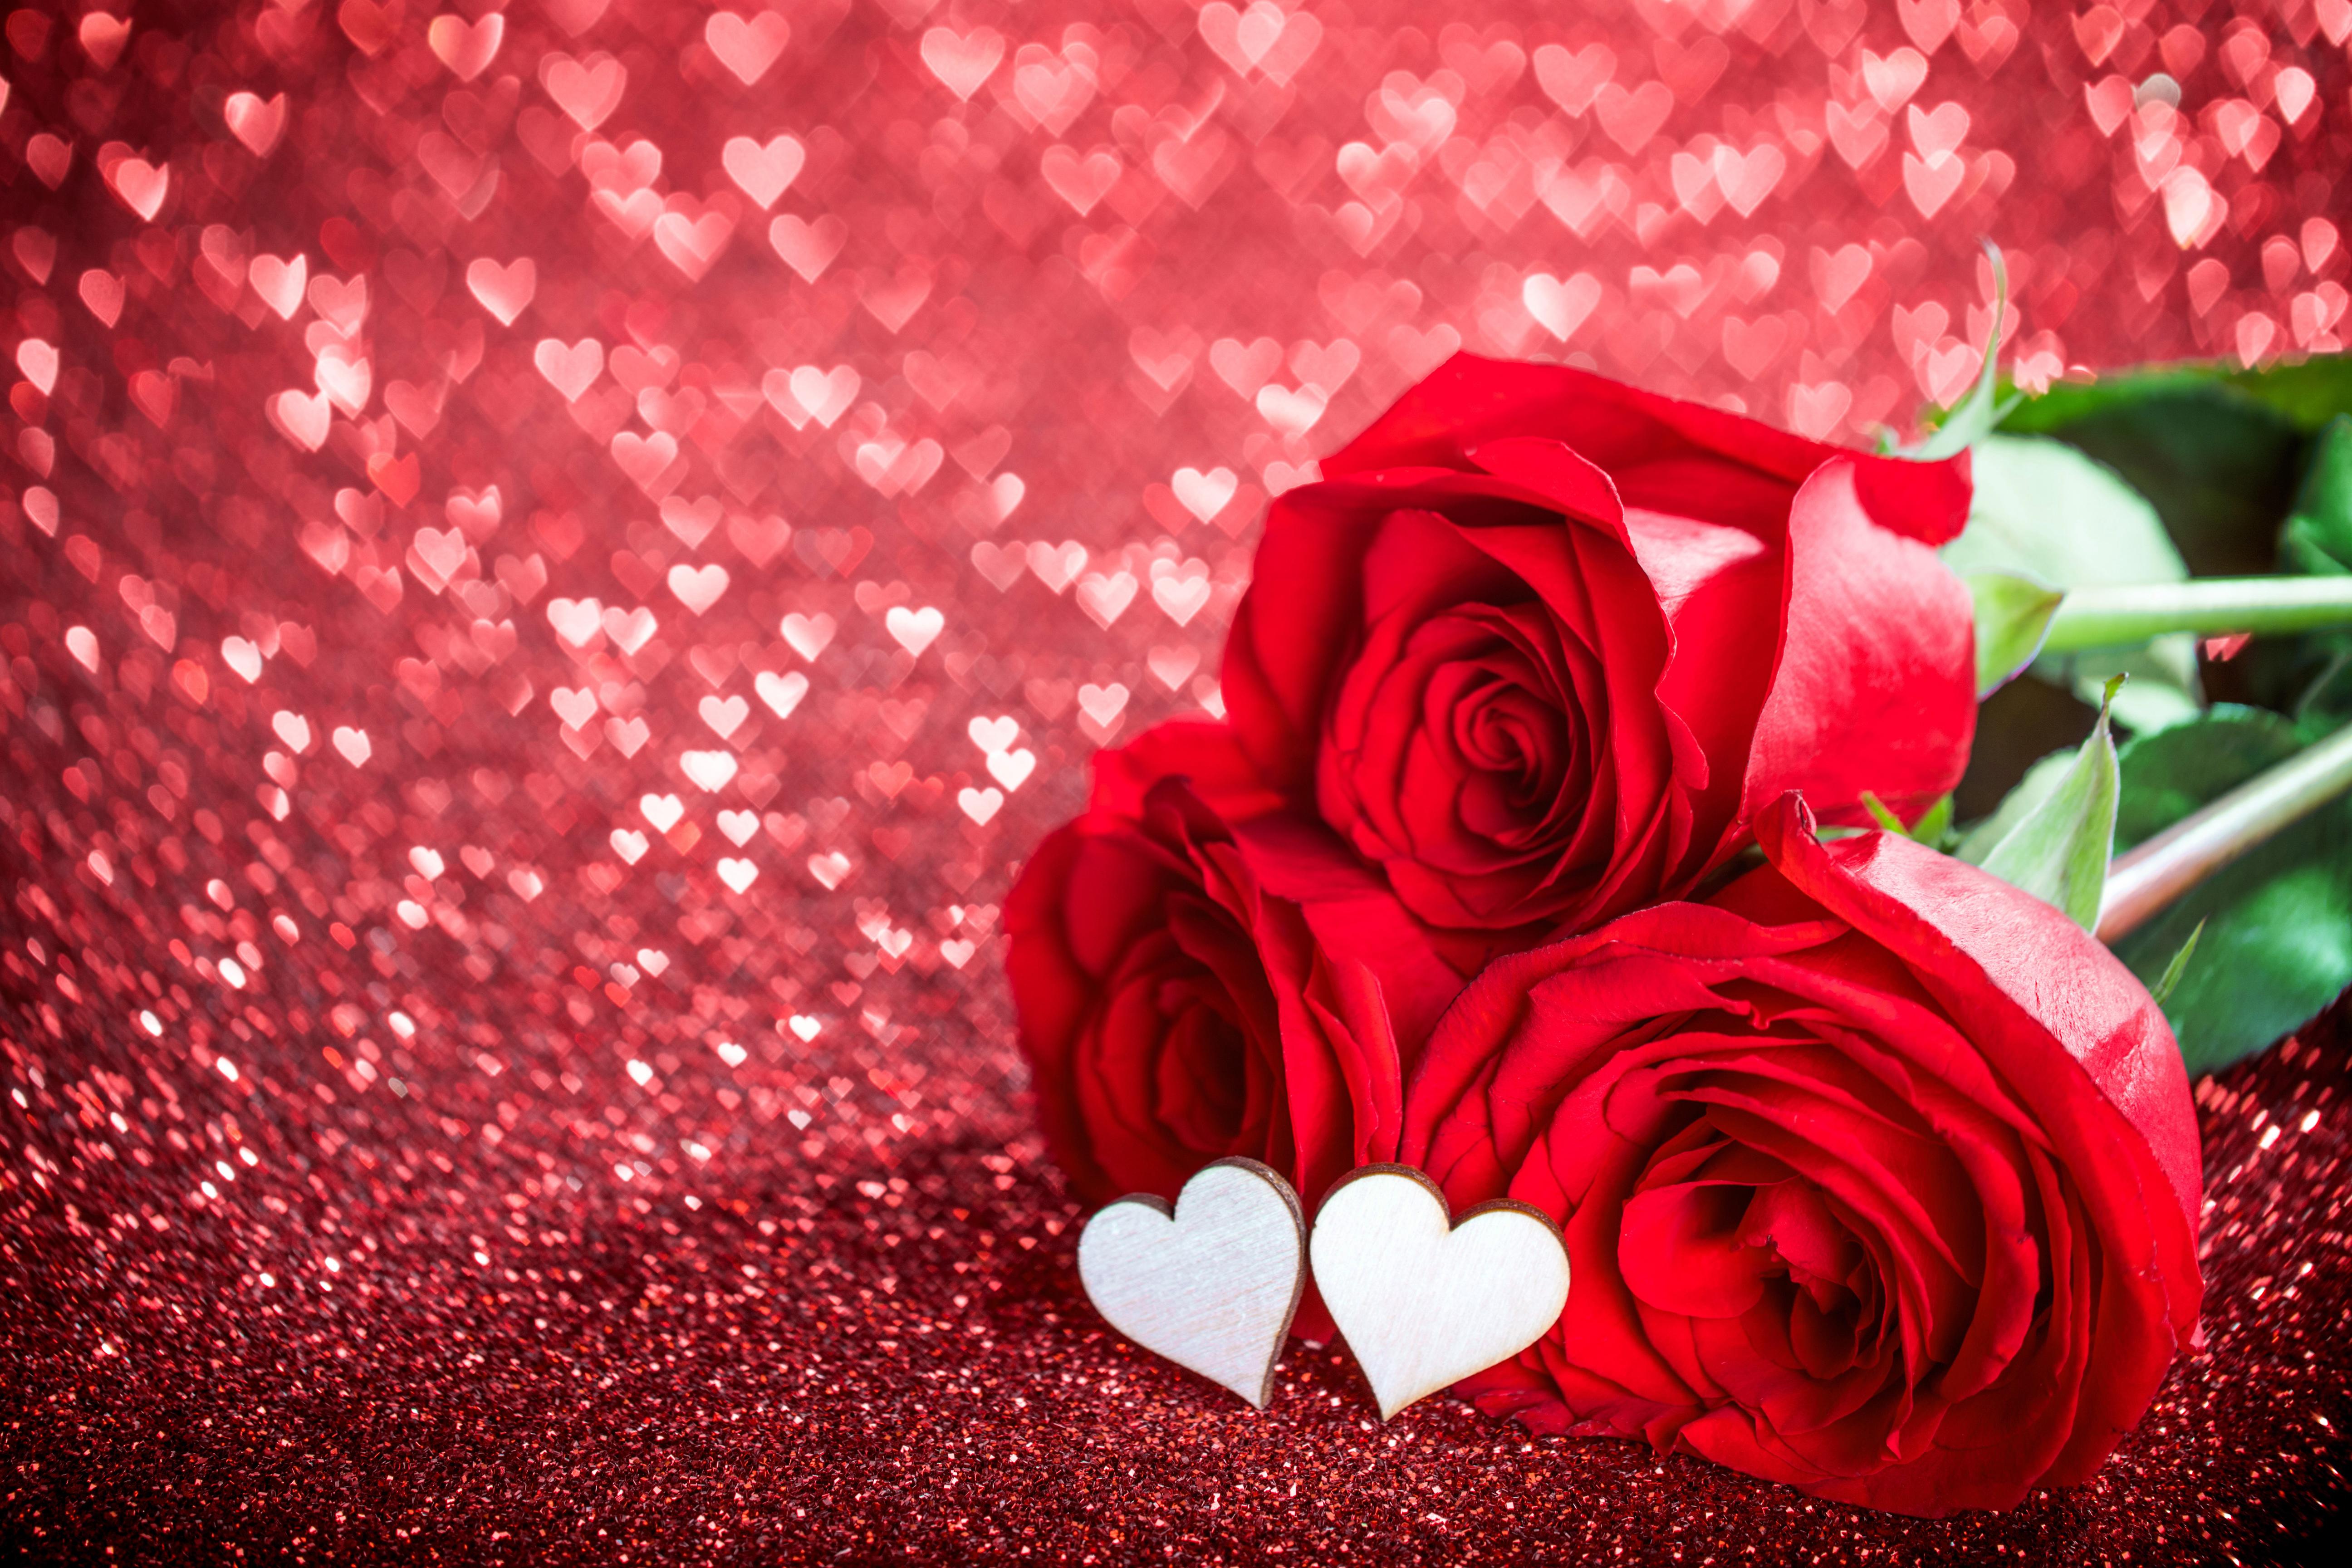 Картинки с красными цветами и сердечками